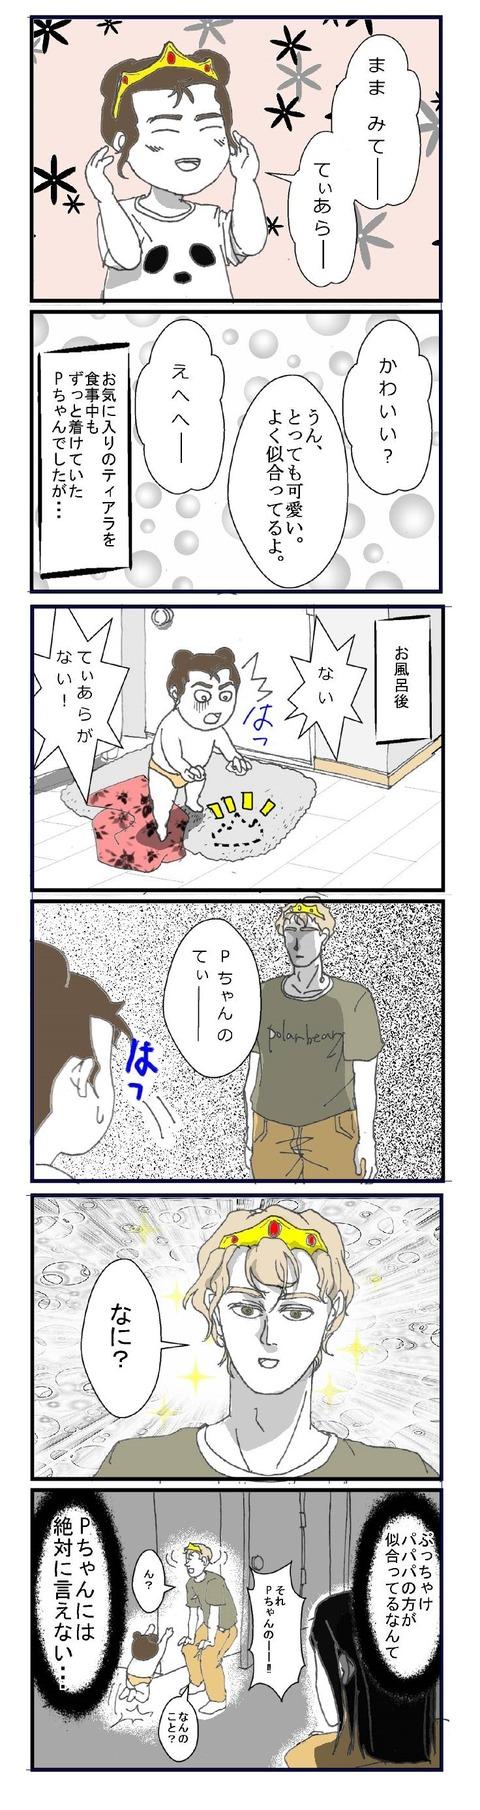 ブログ9800011